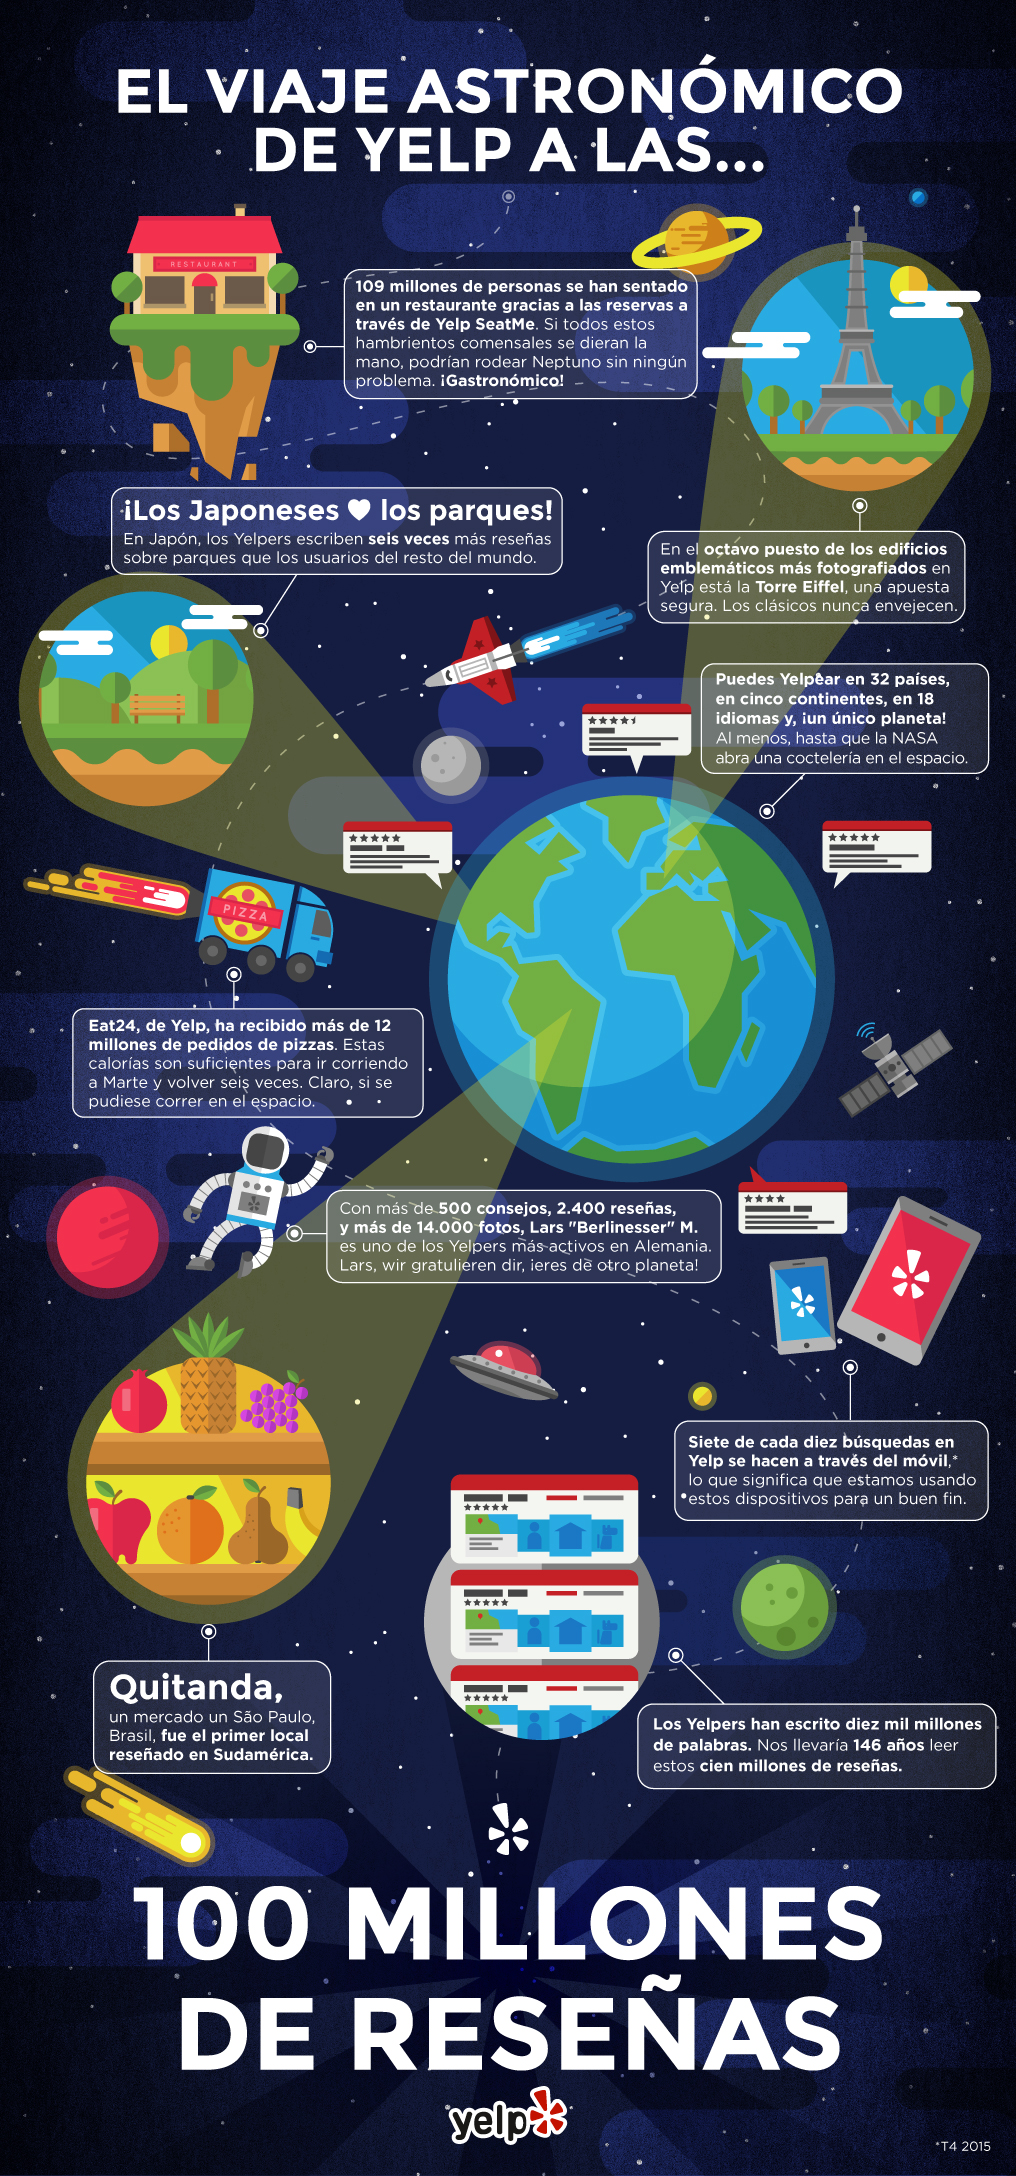 160315_El astronómico viaje de Yelp a las 100 millones de reseñas